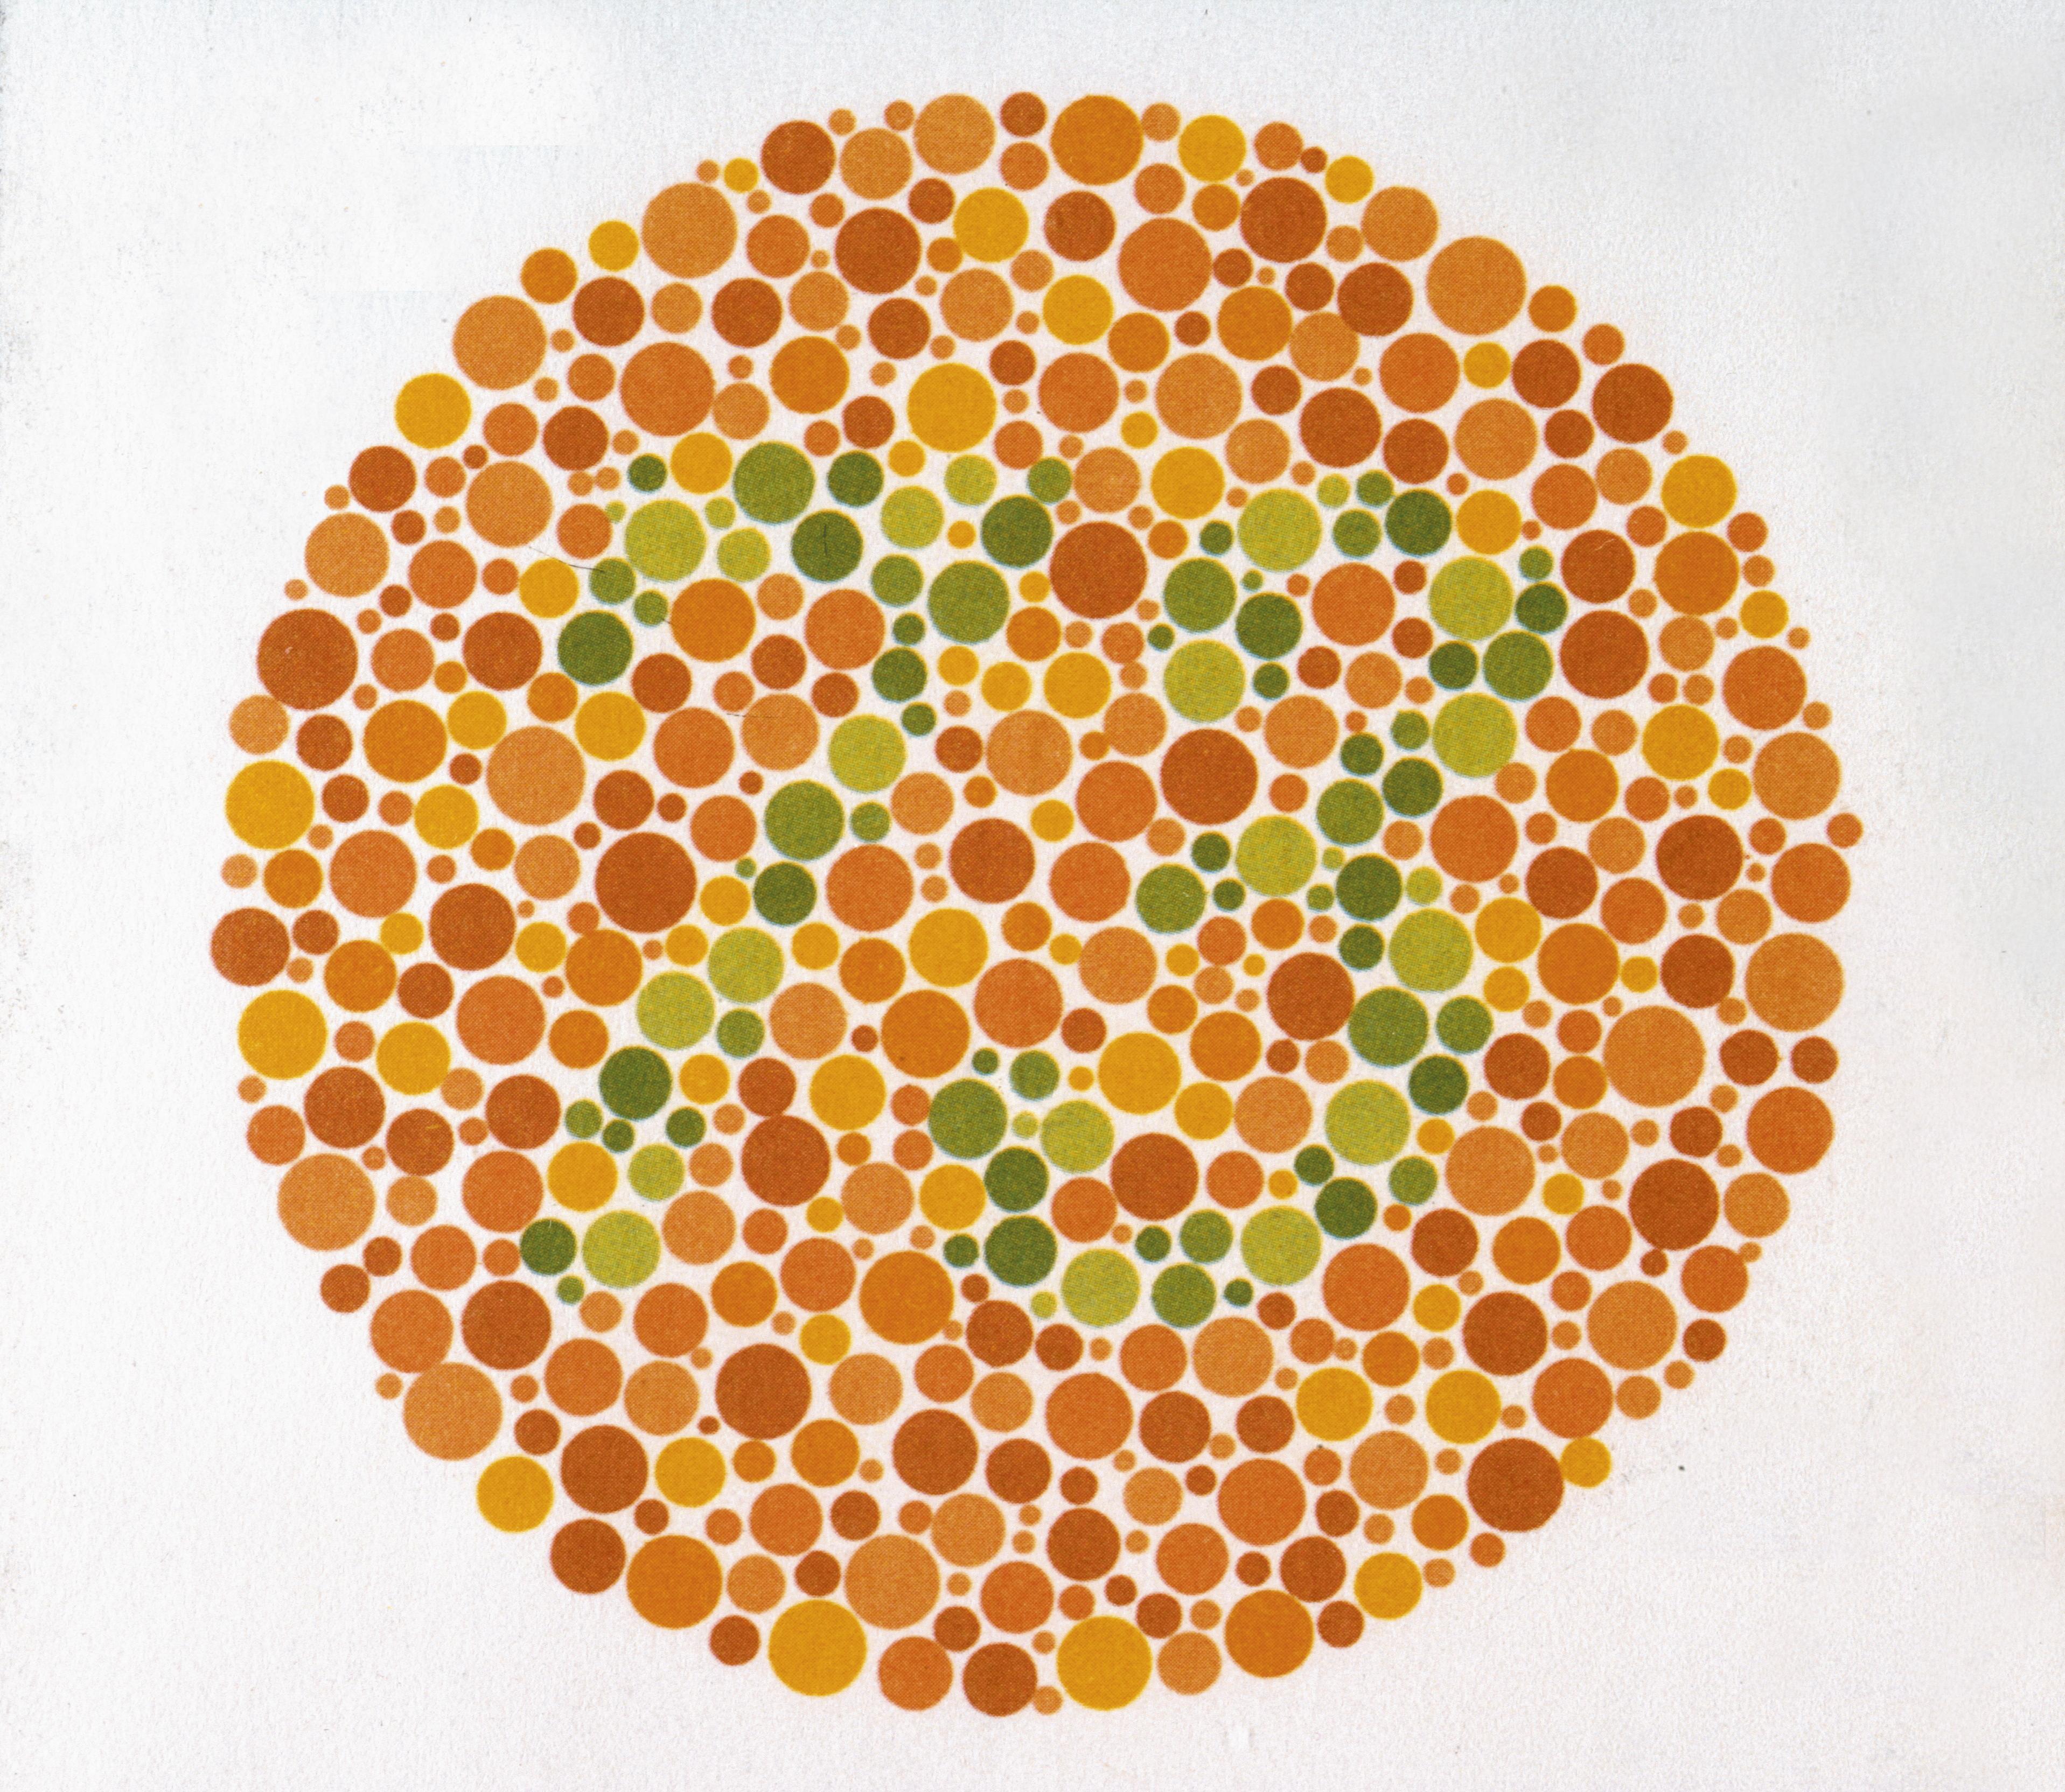 Milyen számot látsz az ábrán?